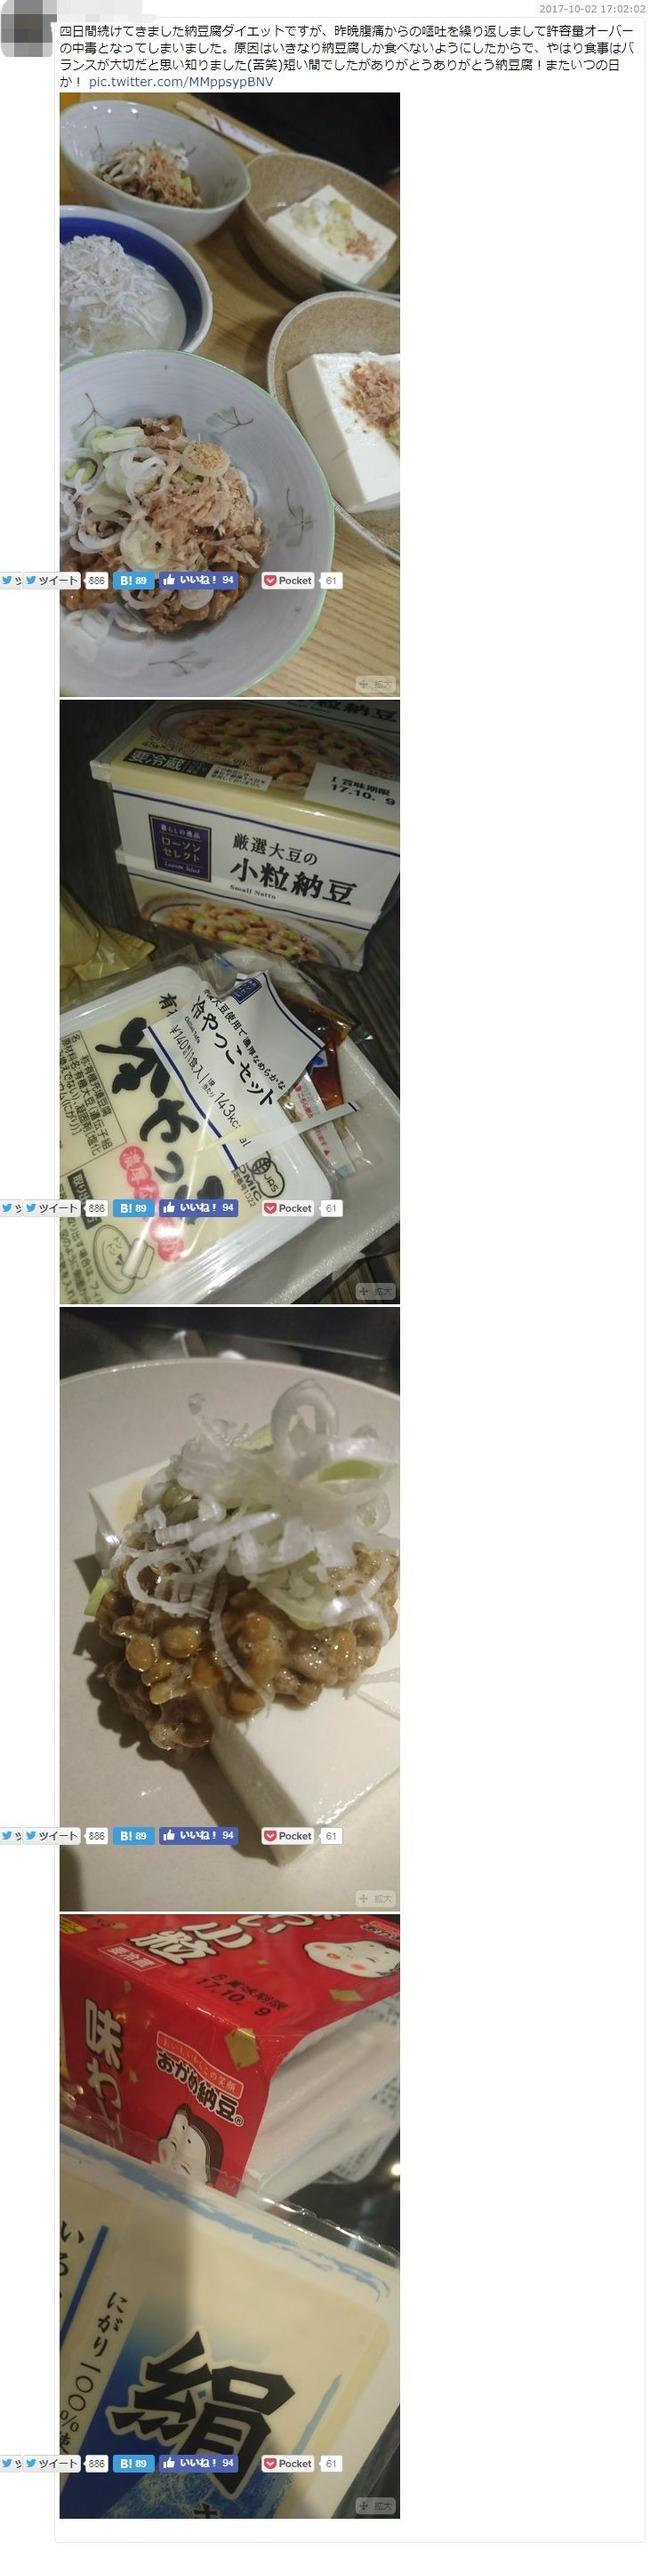 納豆 豆腐 病院 納豆菌 ダイエットに関連した画像-03